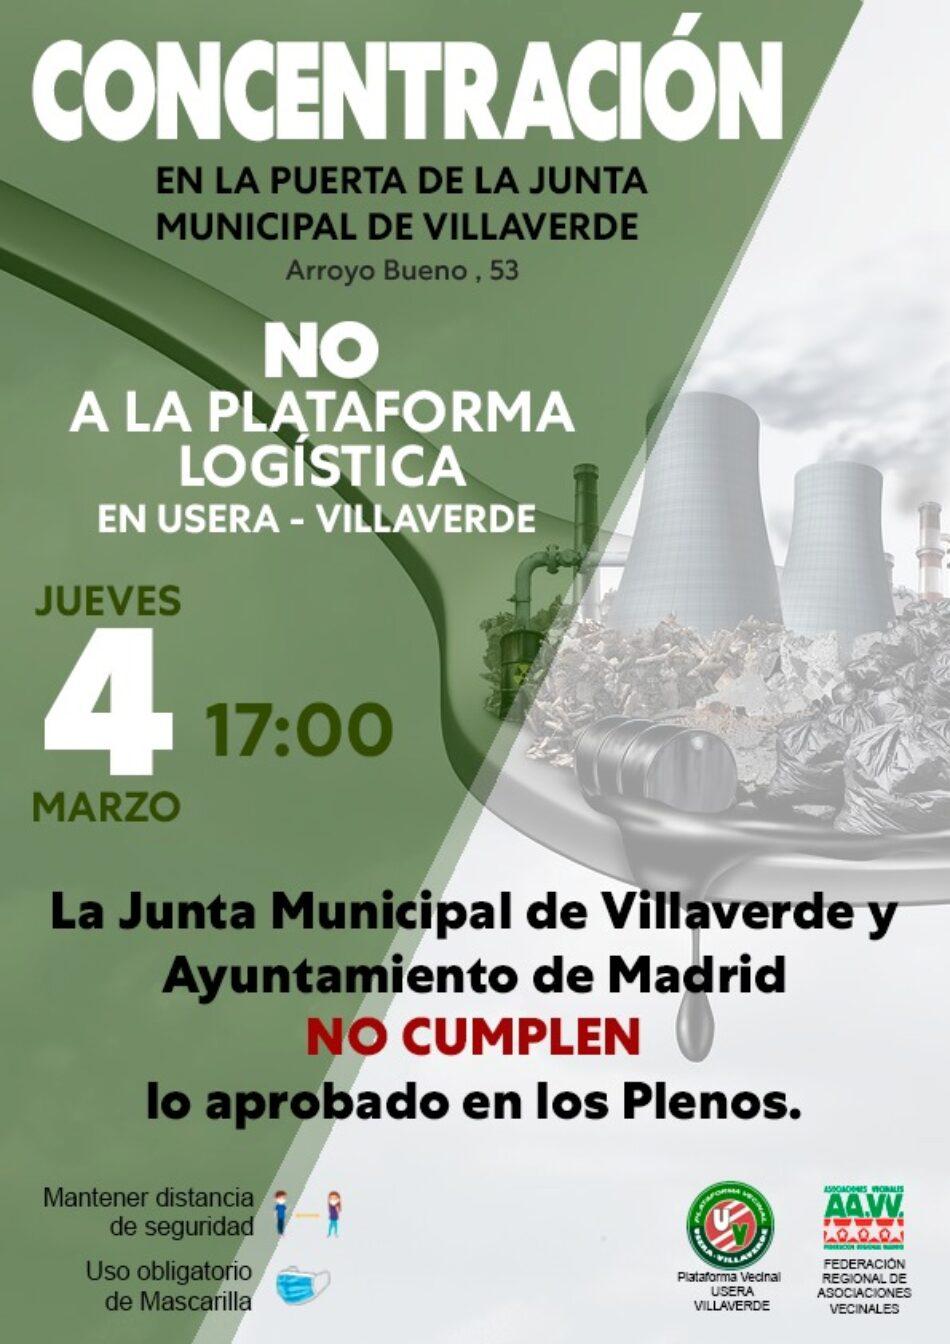 Las asociaciones vecinales llevan su protesta por la planta logística PALM-40 a la Junta de Villaverde